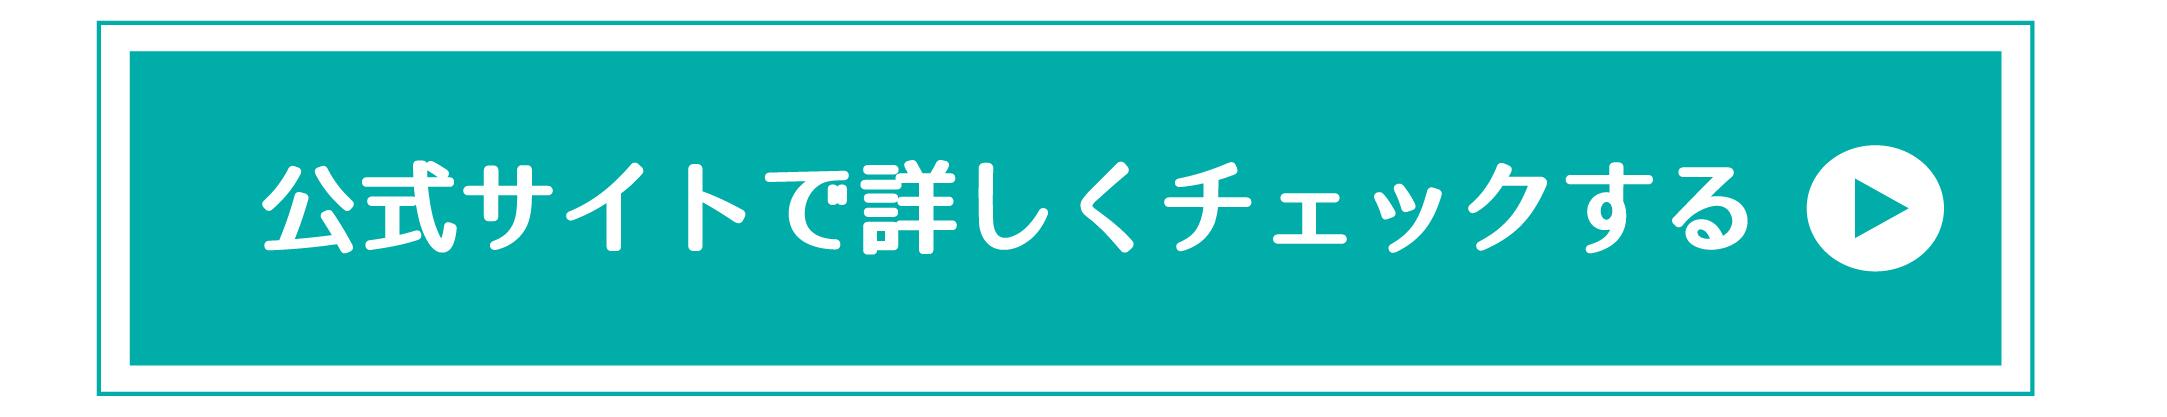 イビサクリーム公式サイト